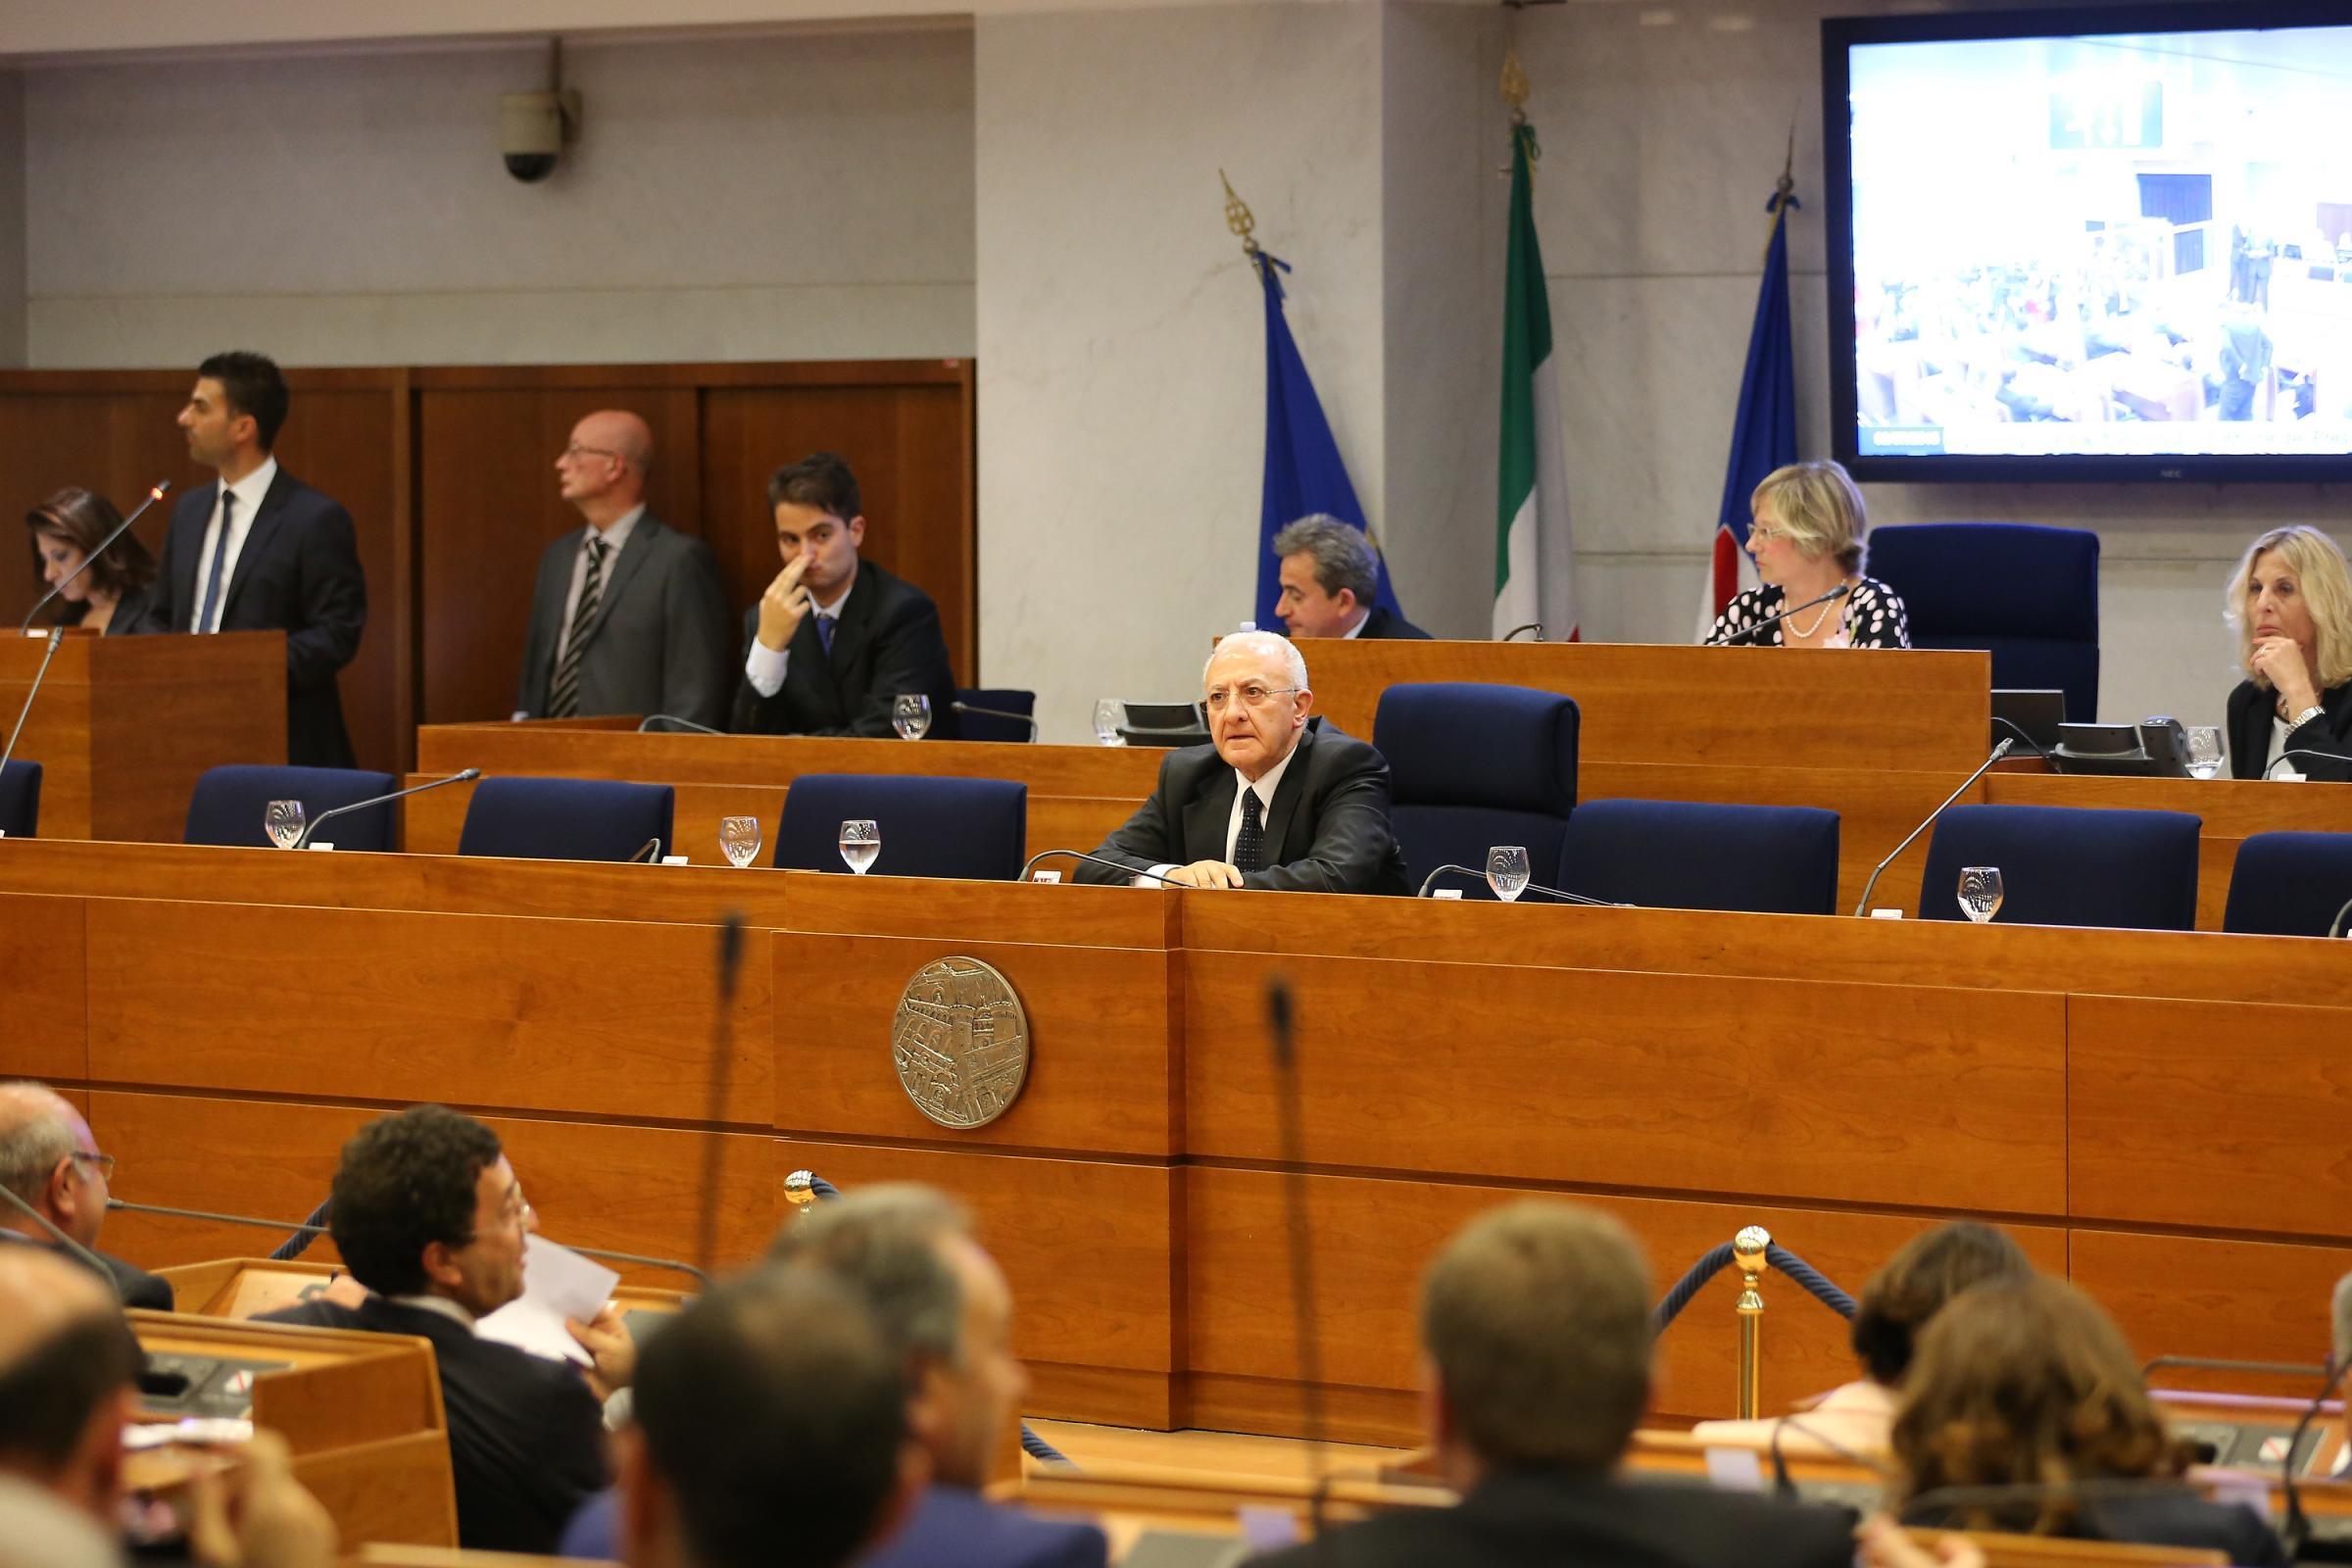 Regione Campania, giunta approva bilancio 2016-2018 per 20 mld